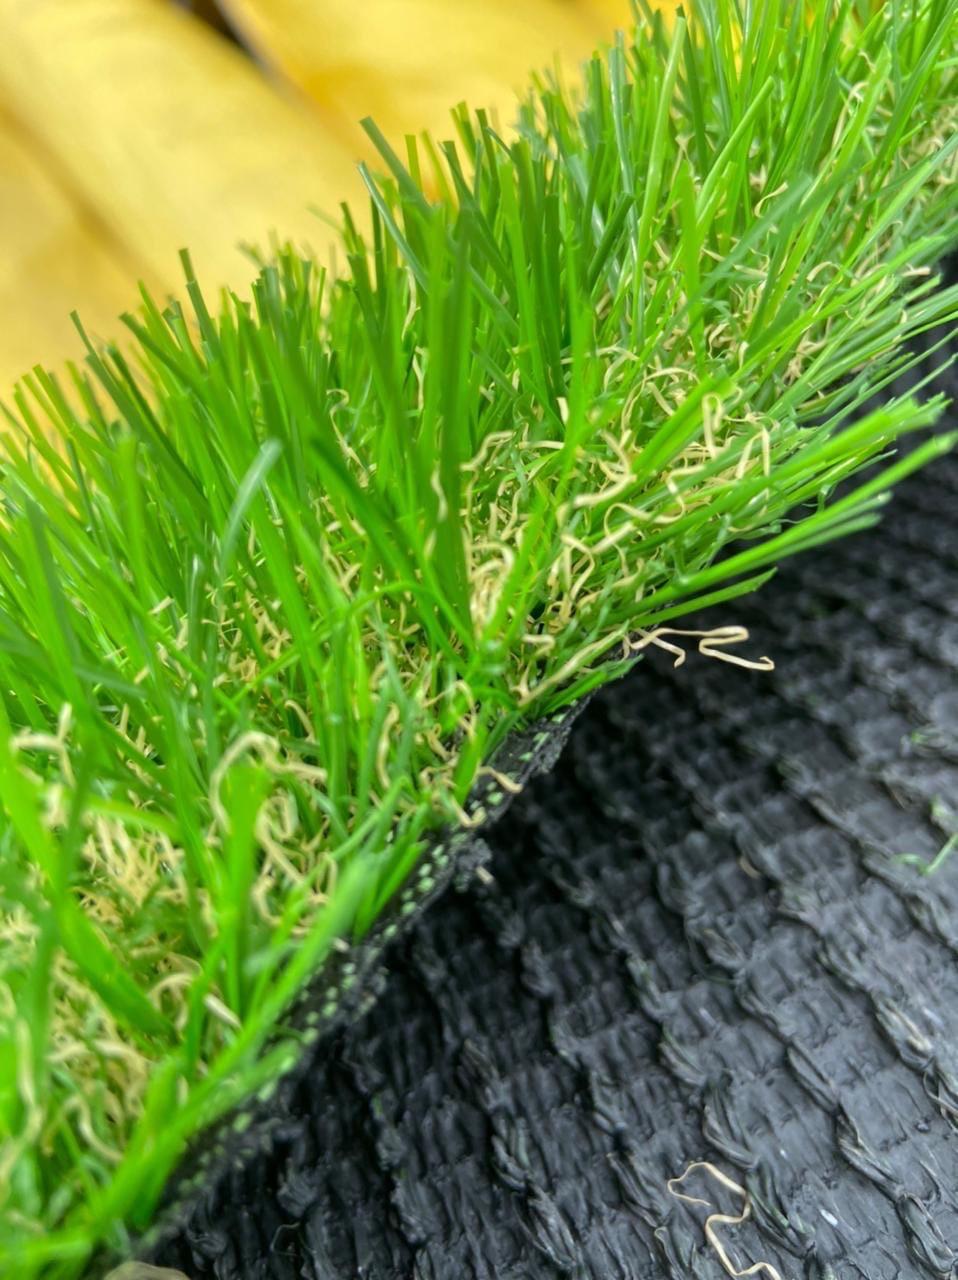 Ландшафтная искусственная трава 35 мм Litgh Green